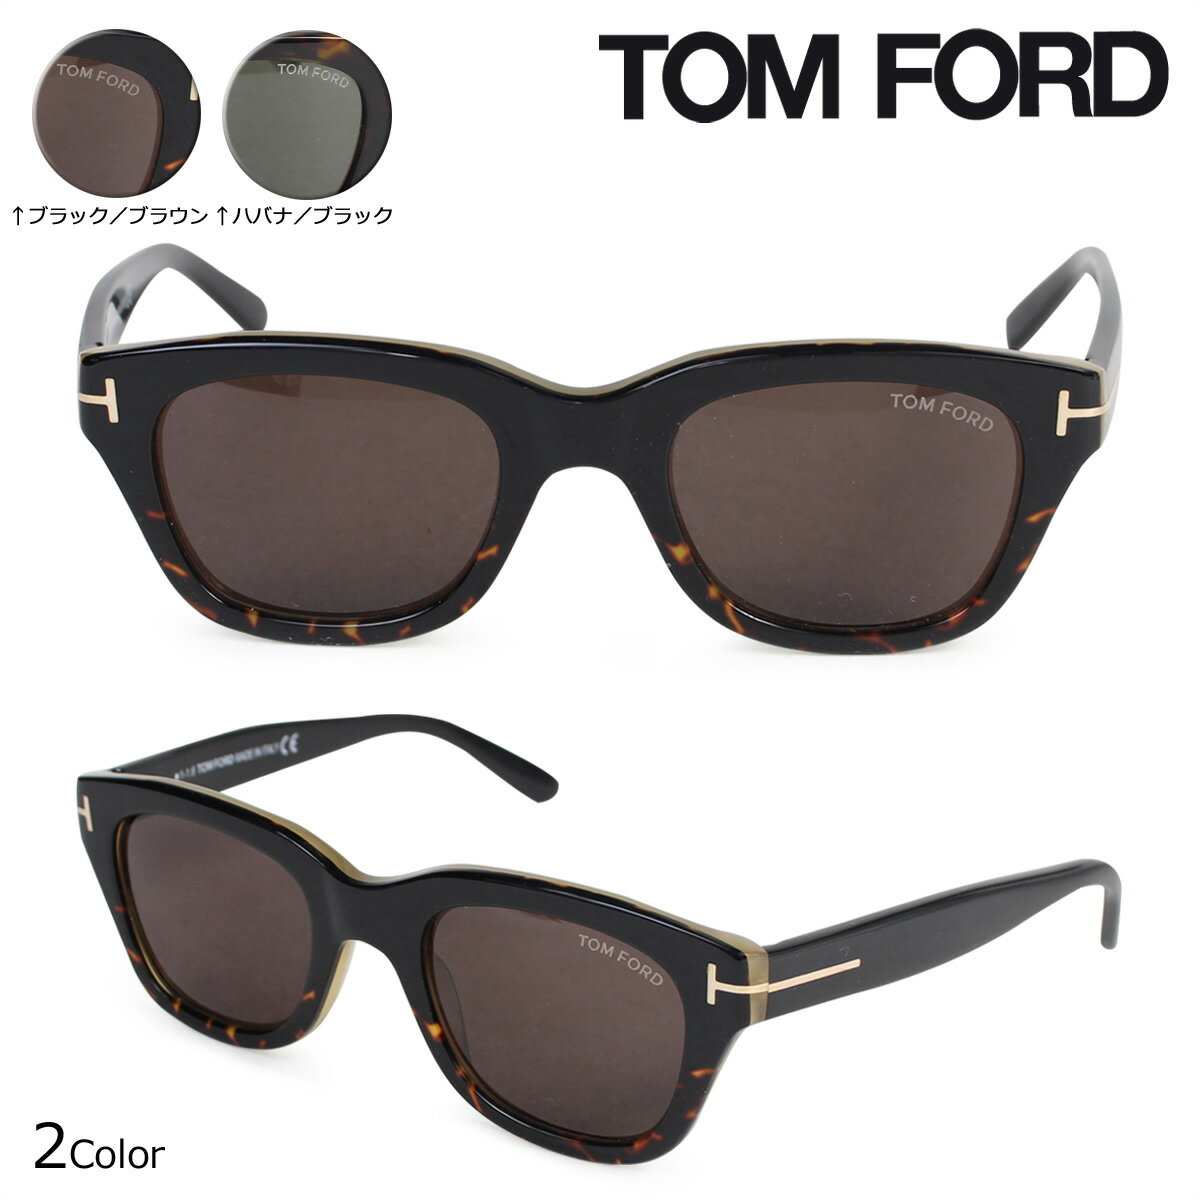 TOM FORD サングラス アジアンフィット メンズ レディース トムフォード アイウェア ASIAN FITTING SNOWDON SUNGLASSES FT0237 ウェリントン 2カラー [178]